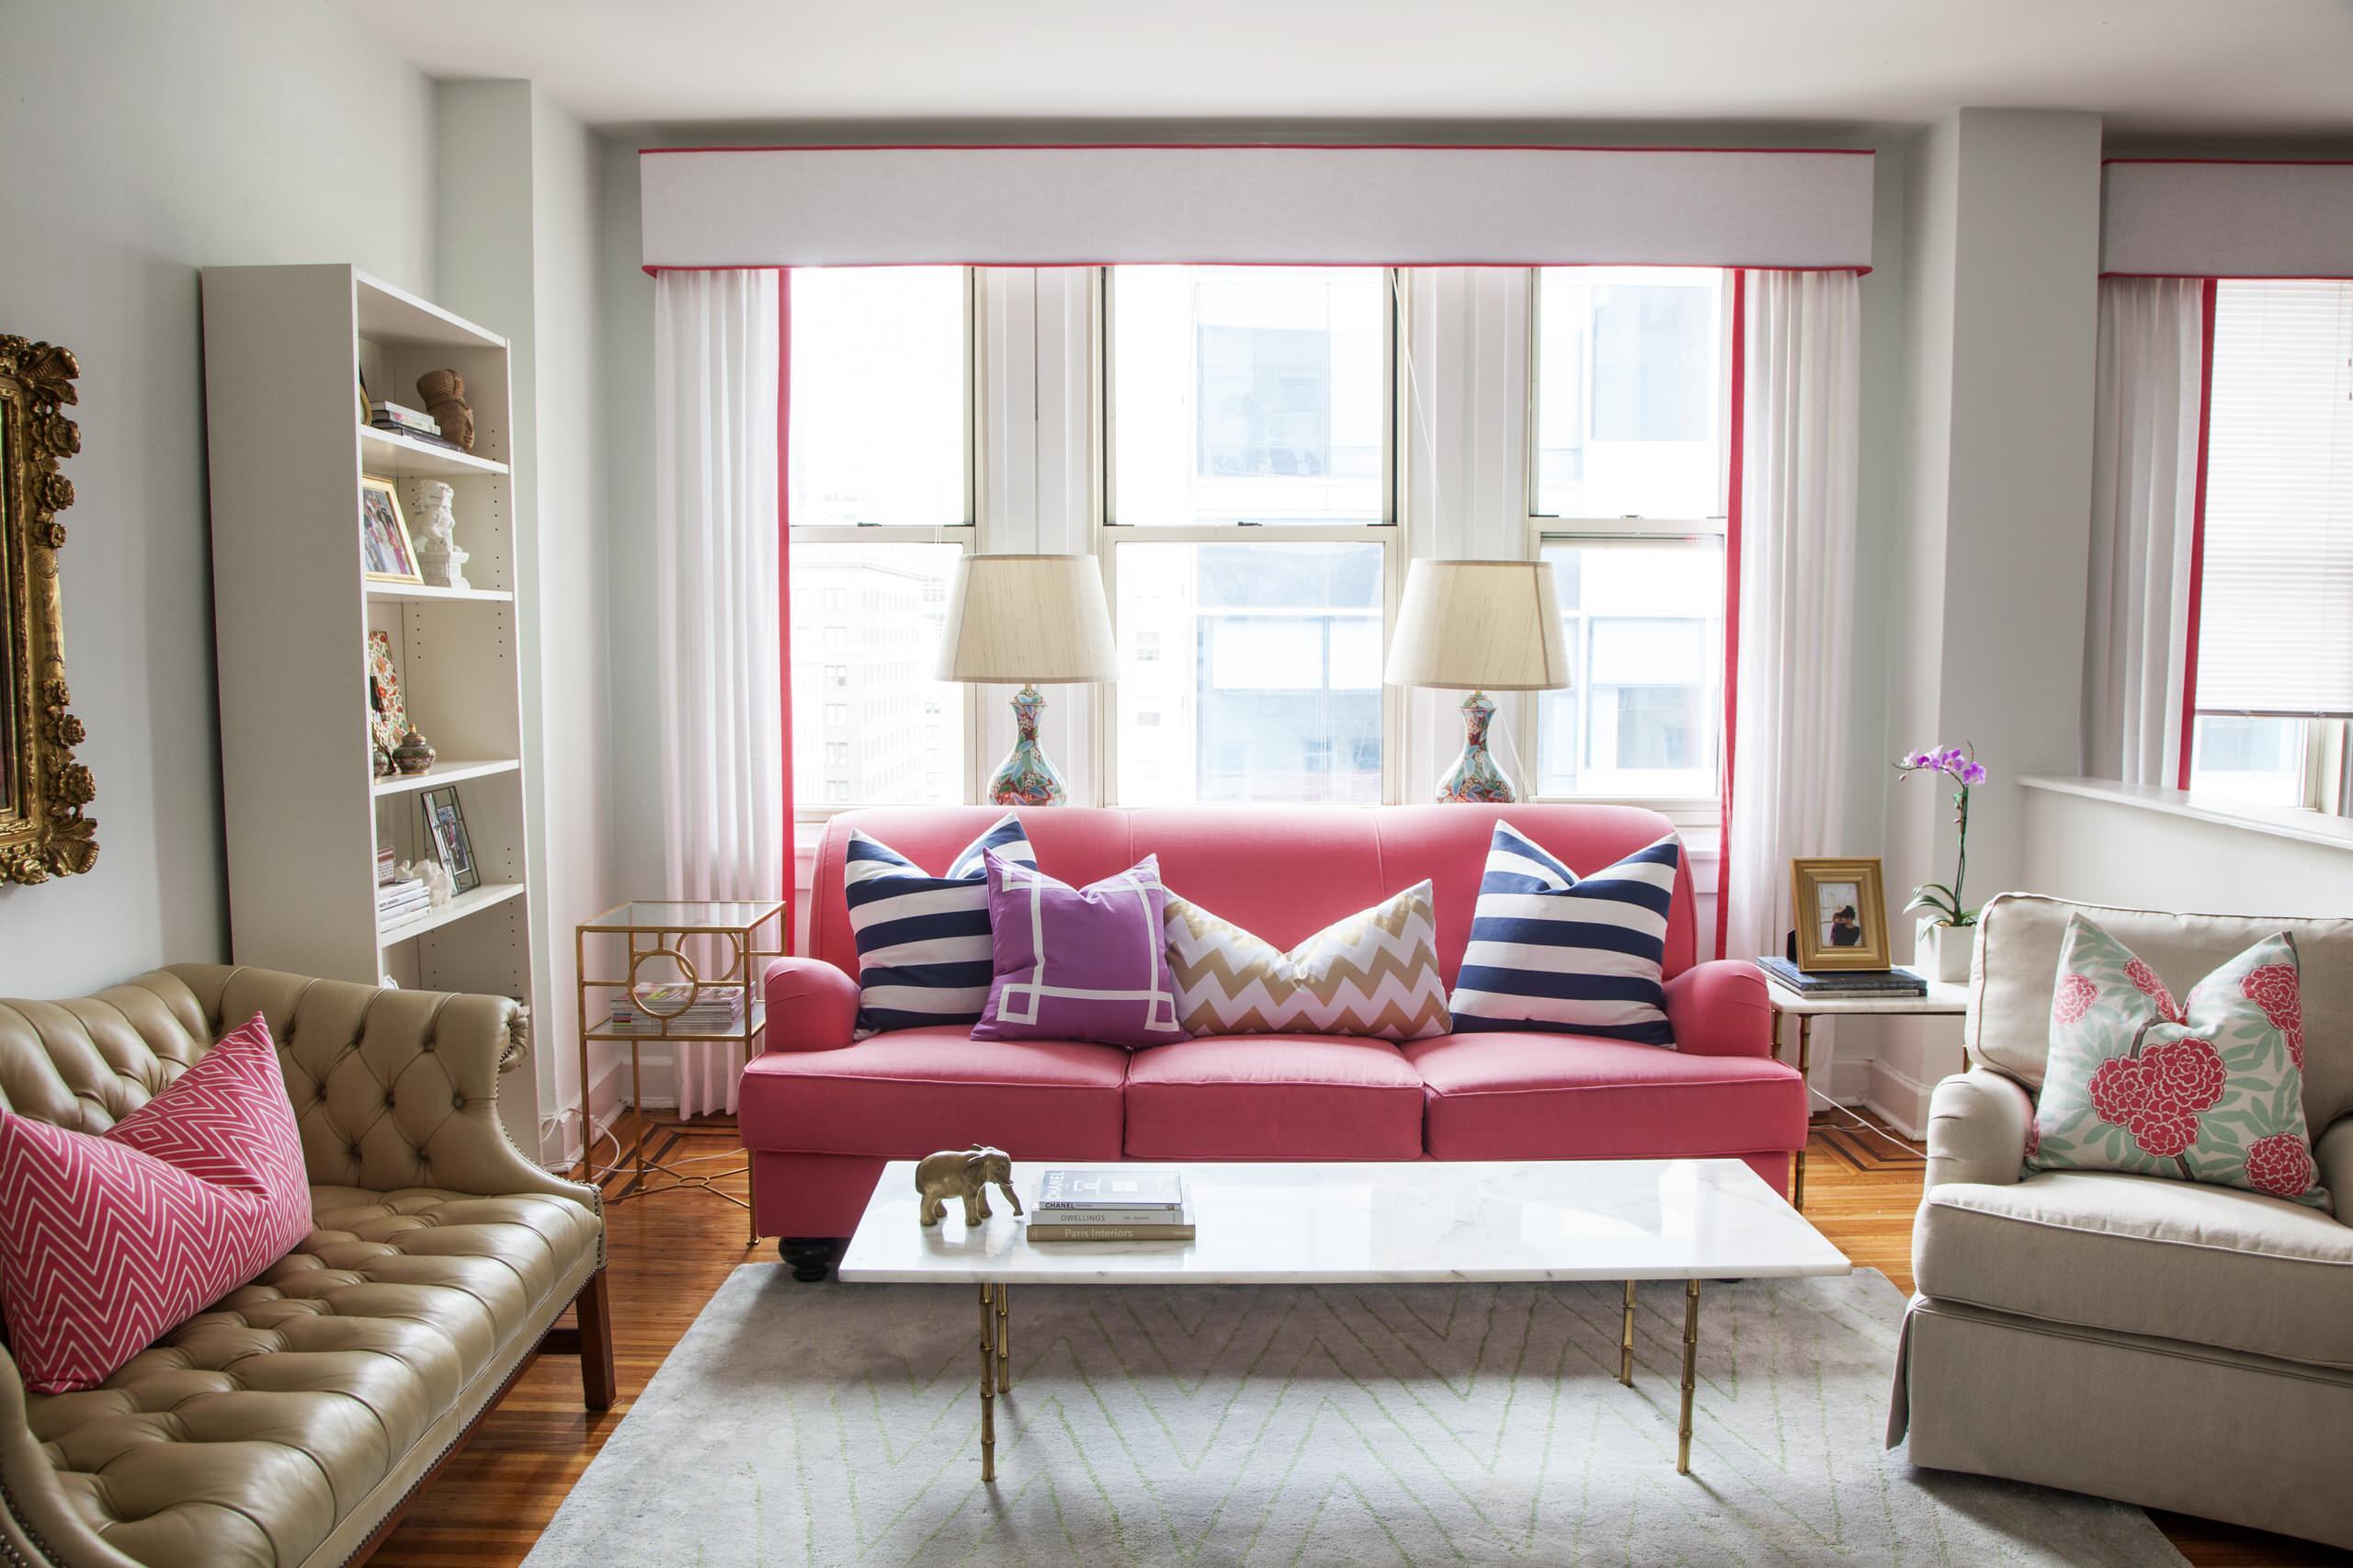 Используя стиль эклектики в дизайне, можно получить эксклюзивный, совершенно уникальный и индивидуальный характер дома, при условии одновременного сочетания не более двух-трех стилистических направлений